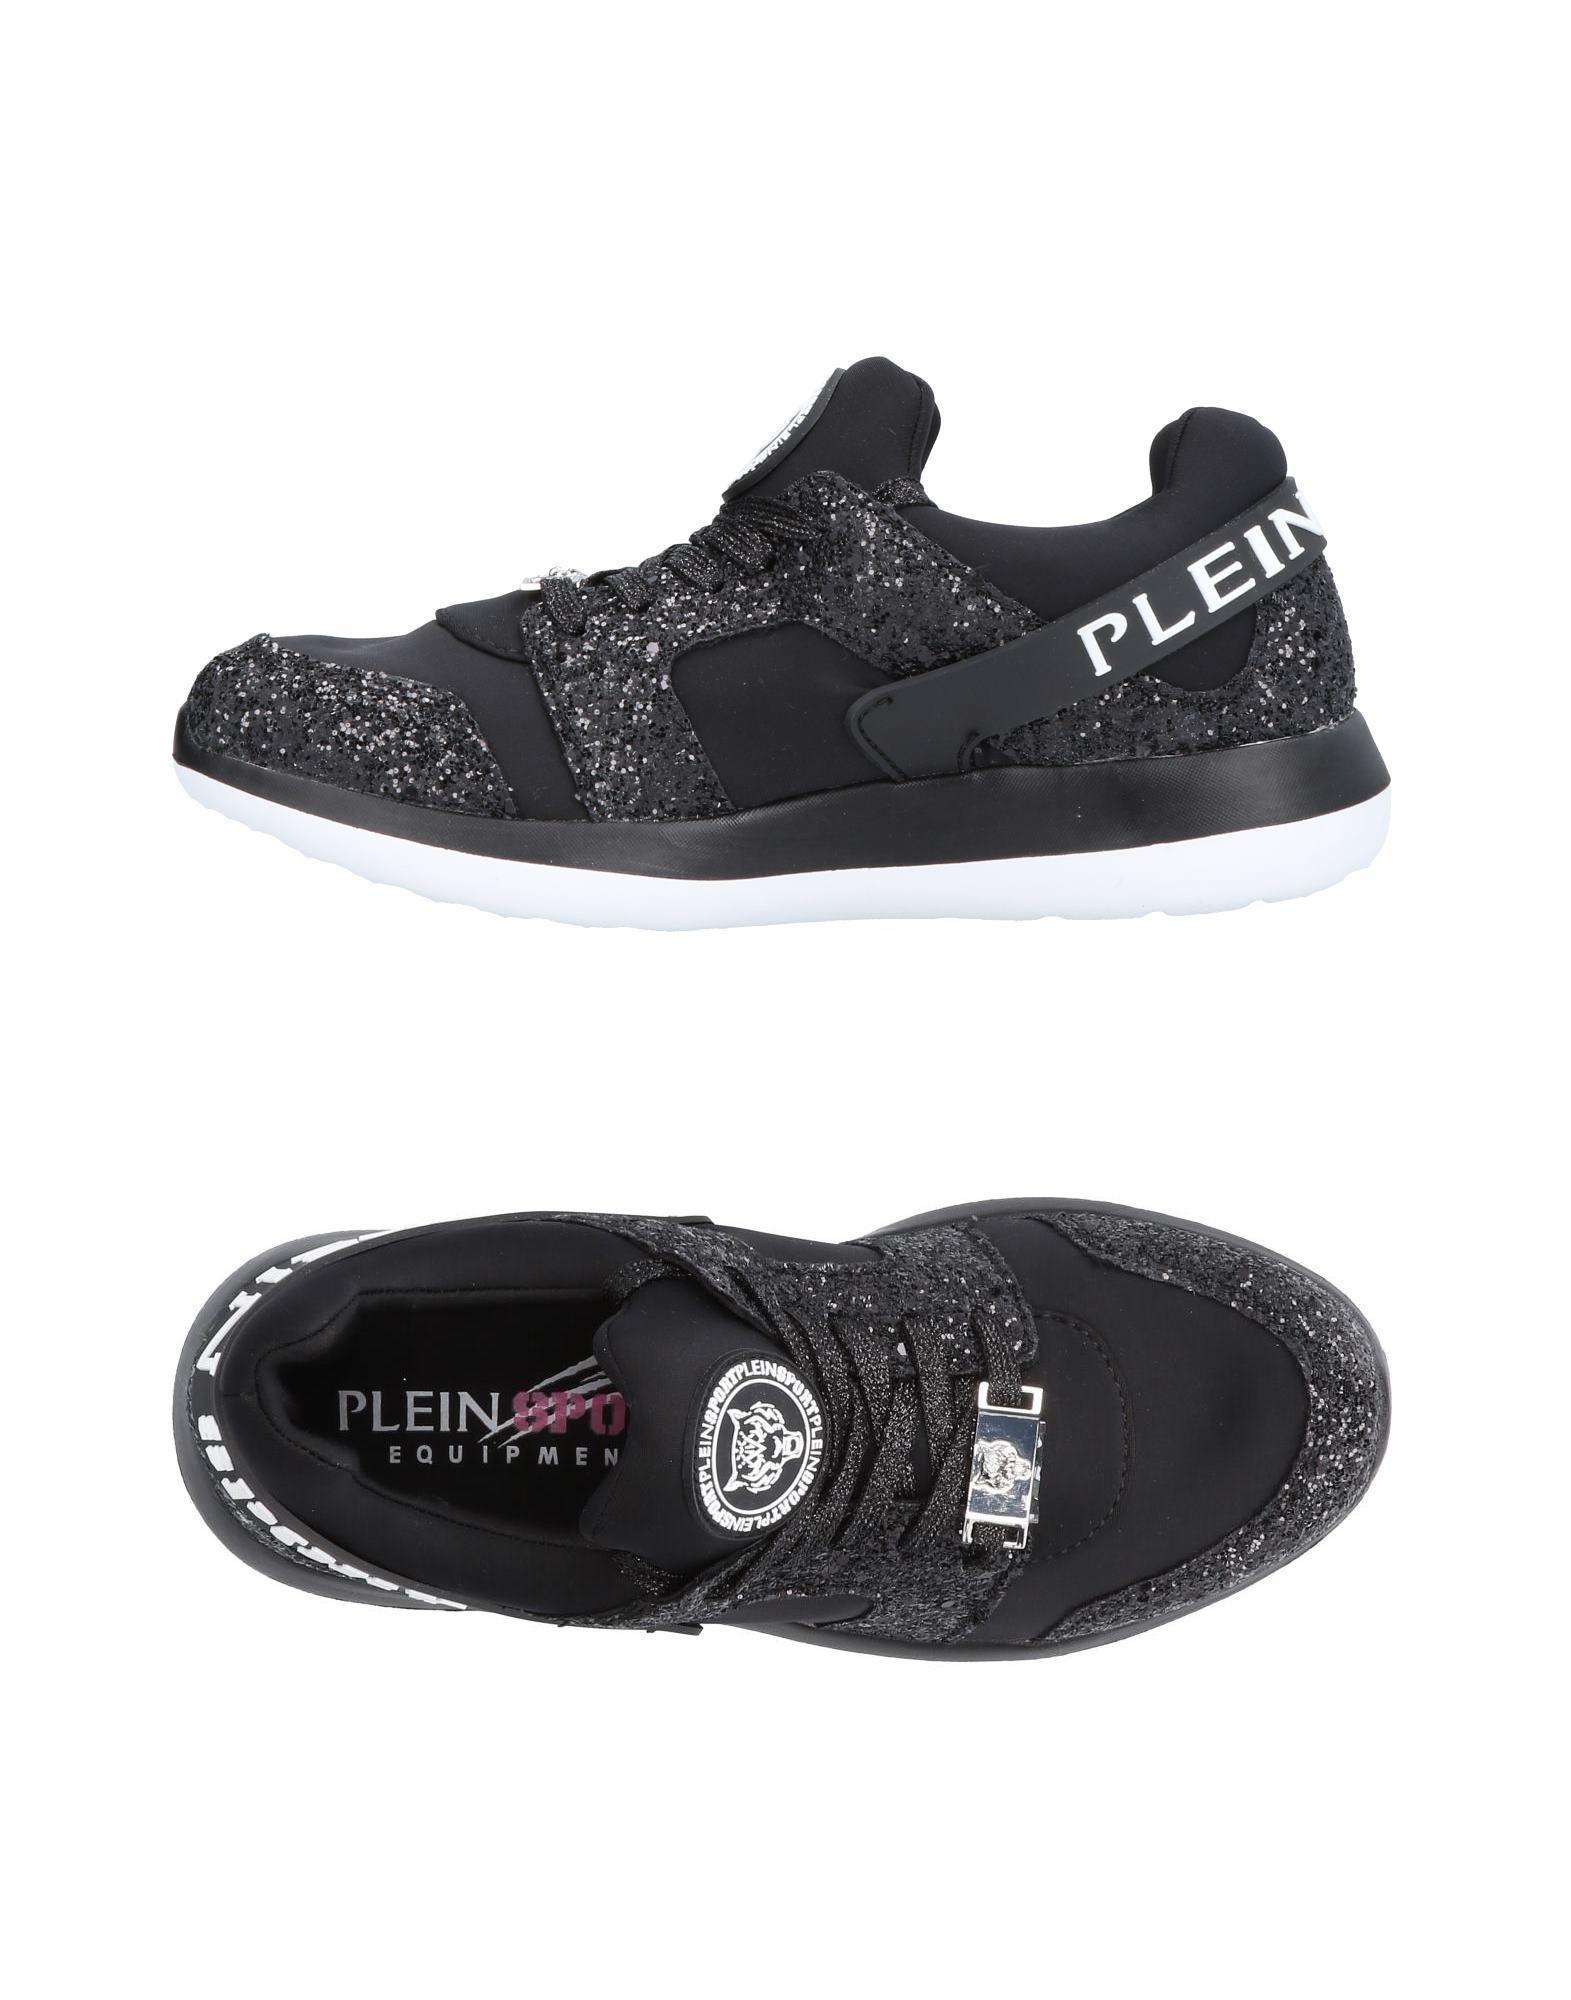 Plein Sport Sneakers In Black